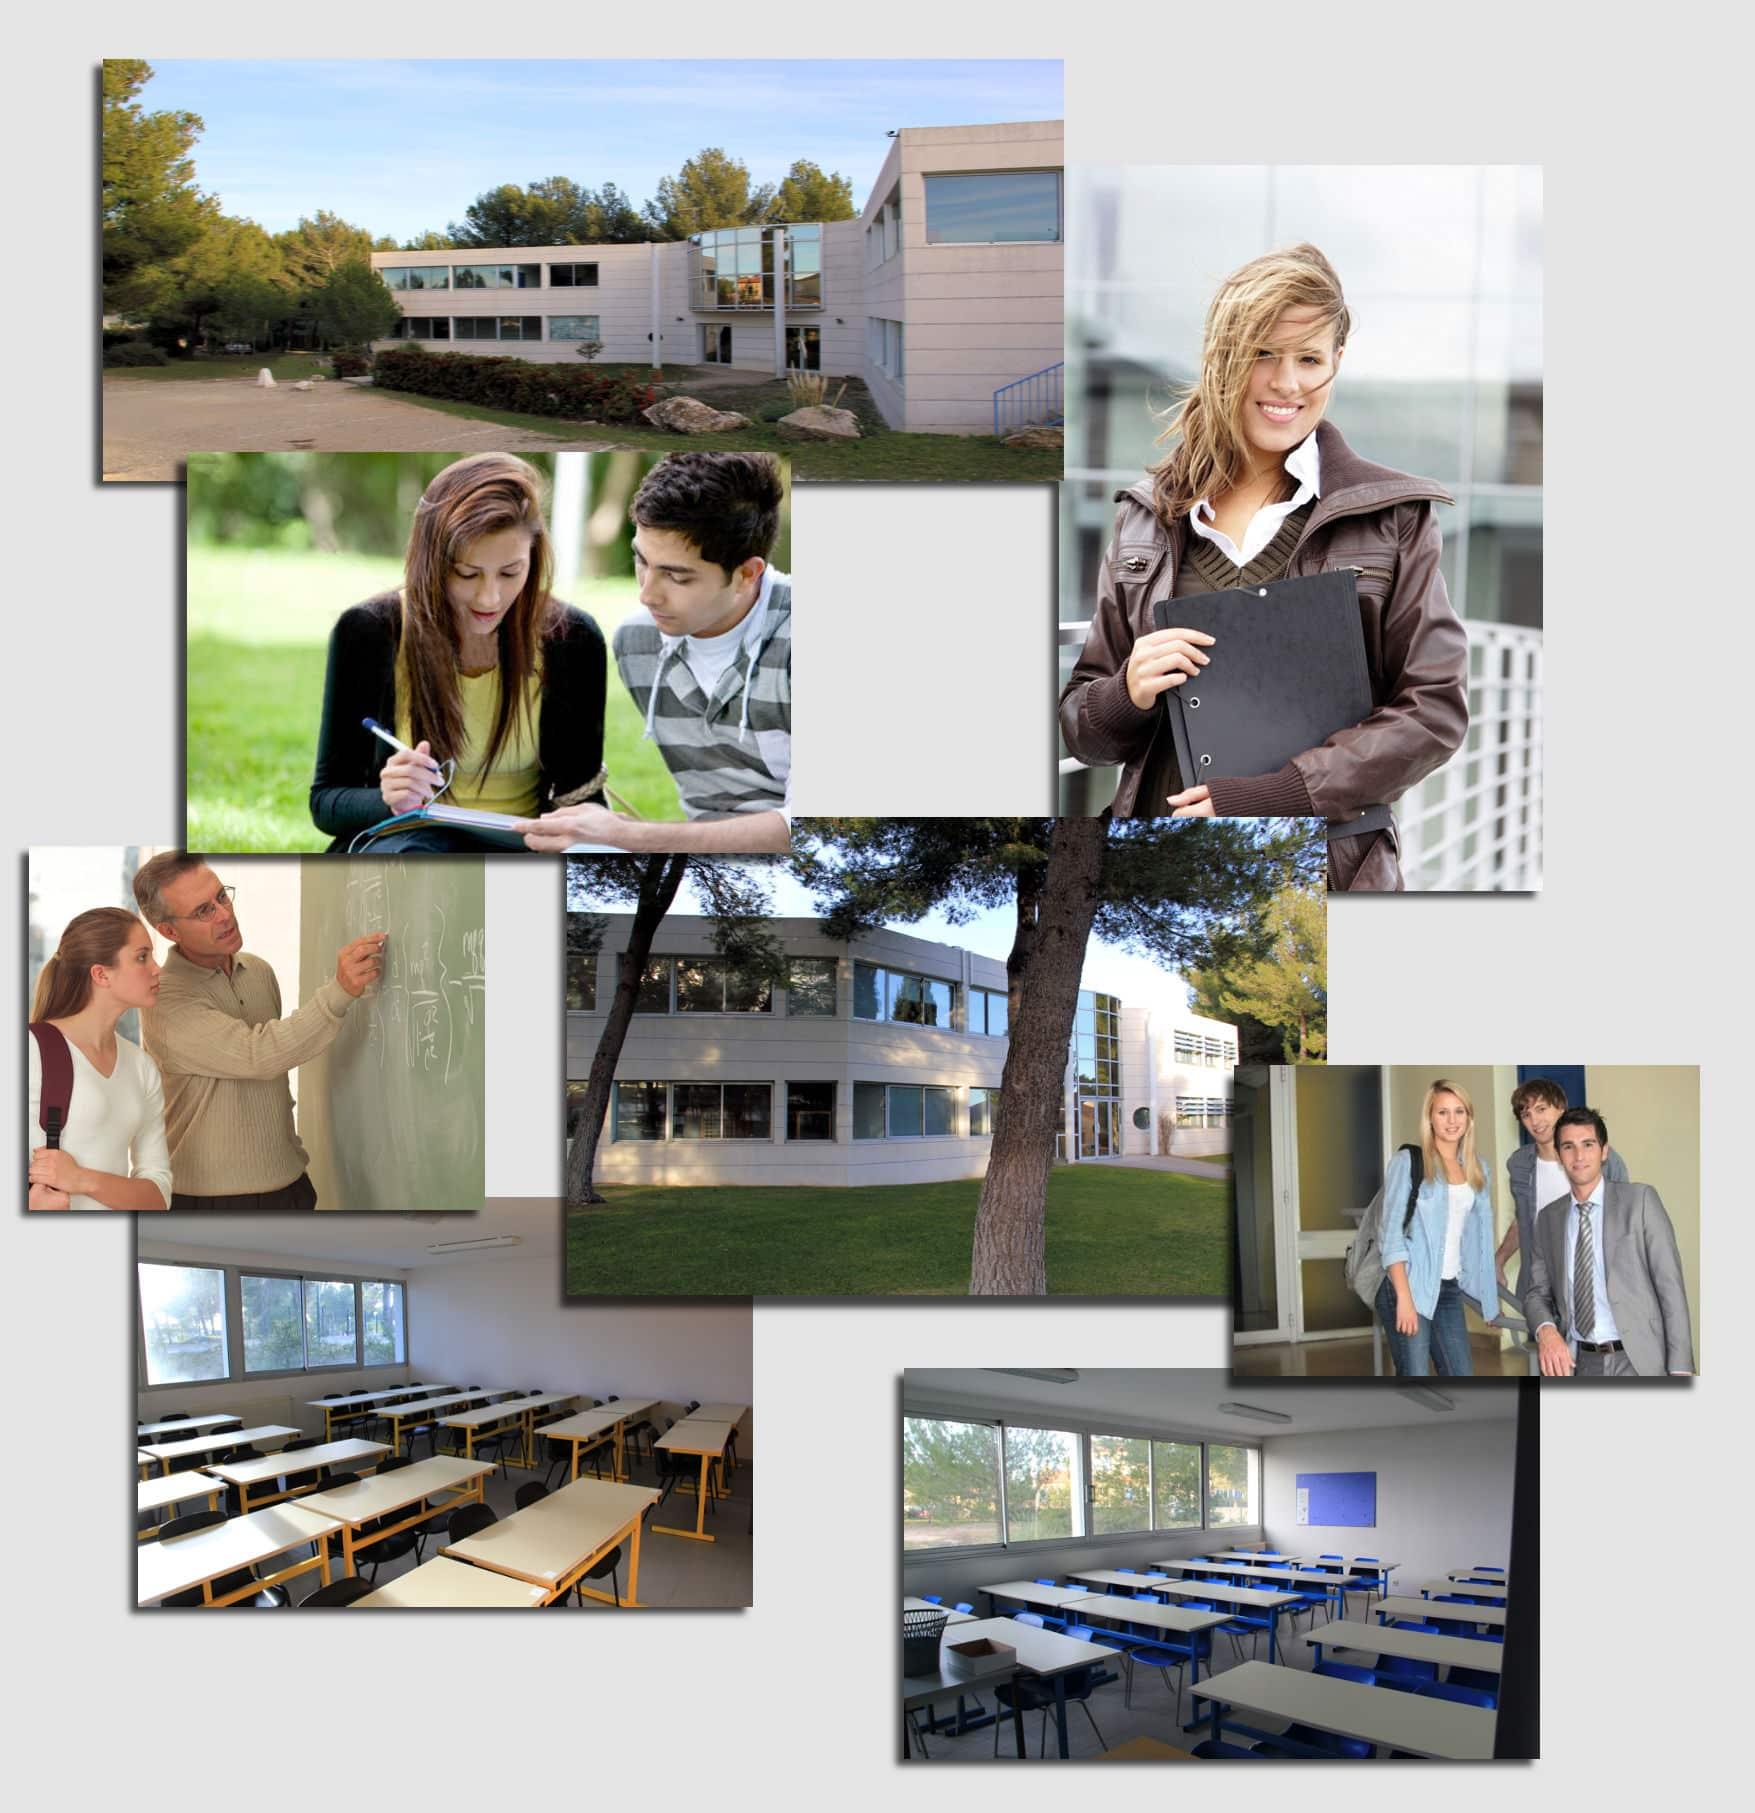 le cadre de l'école de commerce Idelca à montpellier